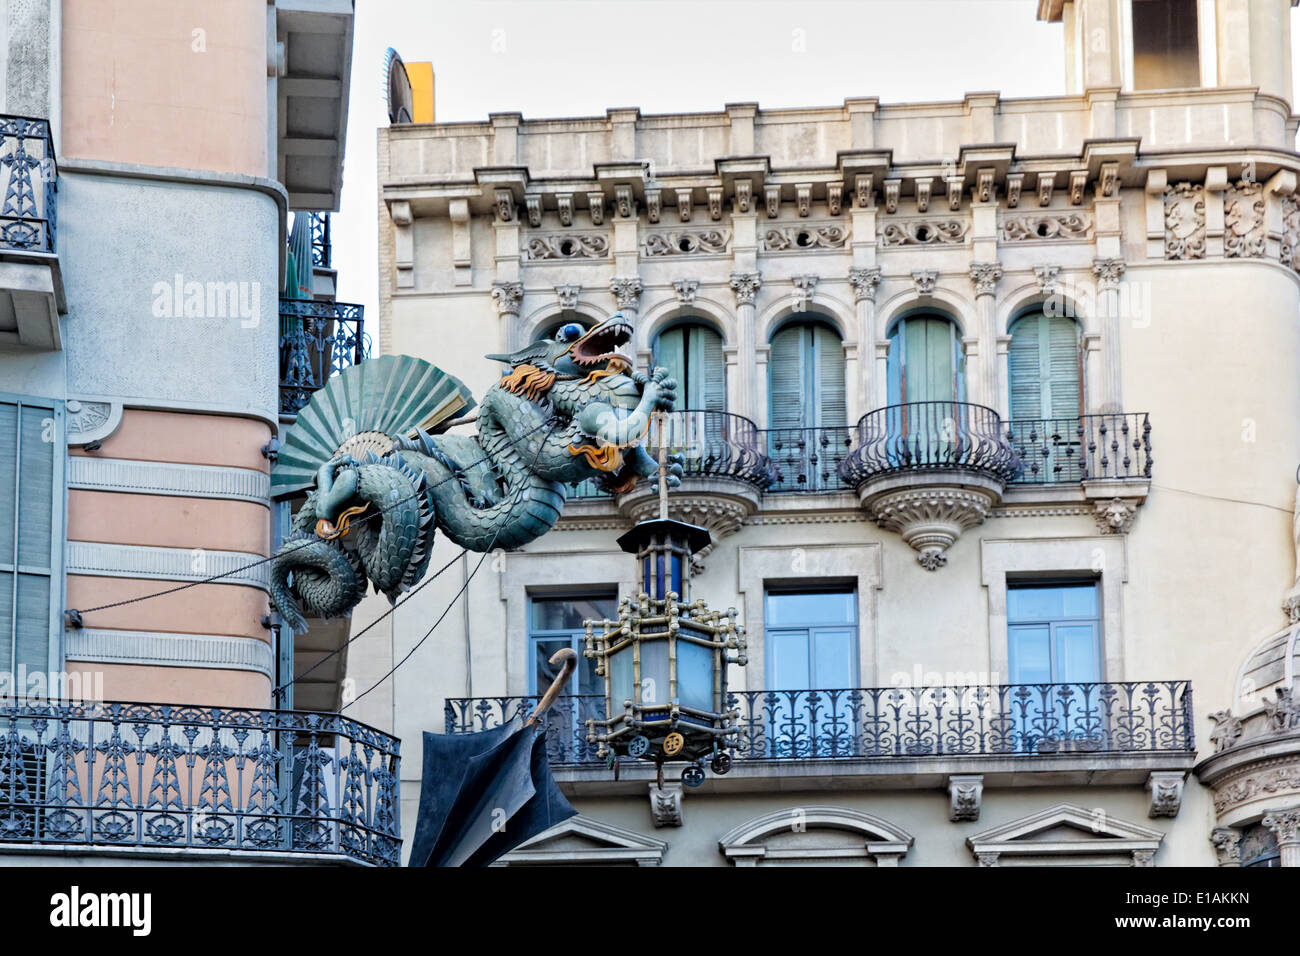 Barcelona las ramblas photos barcelona las ramblas - Maison decor barcelona ...